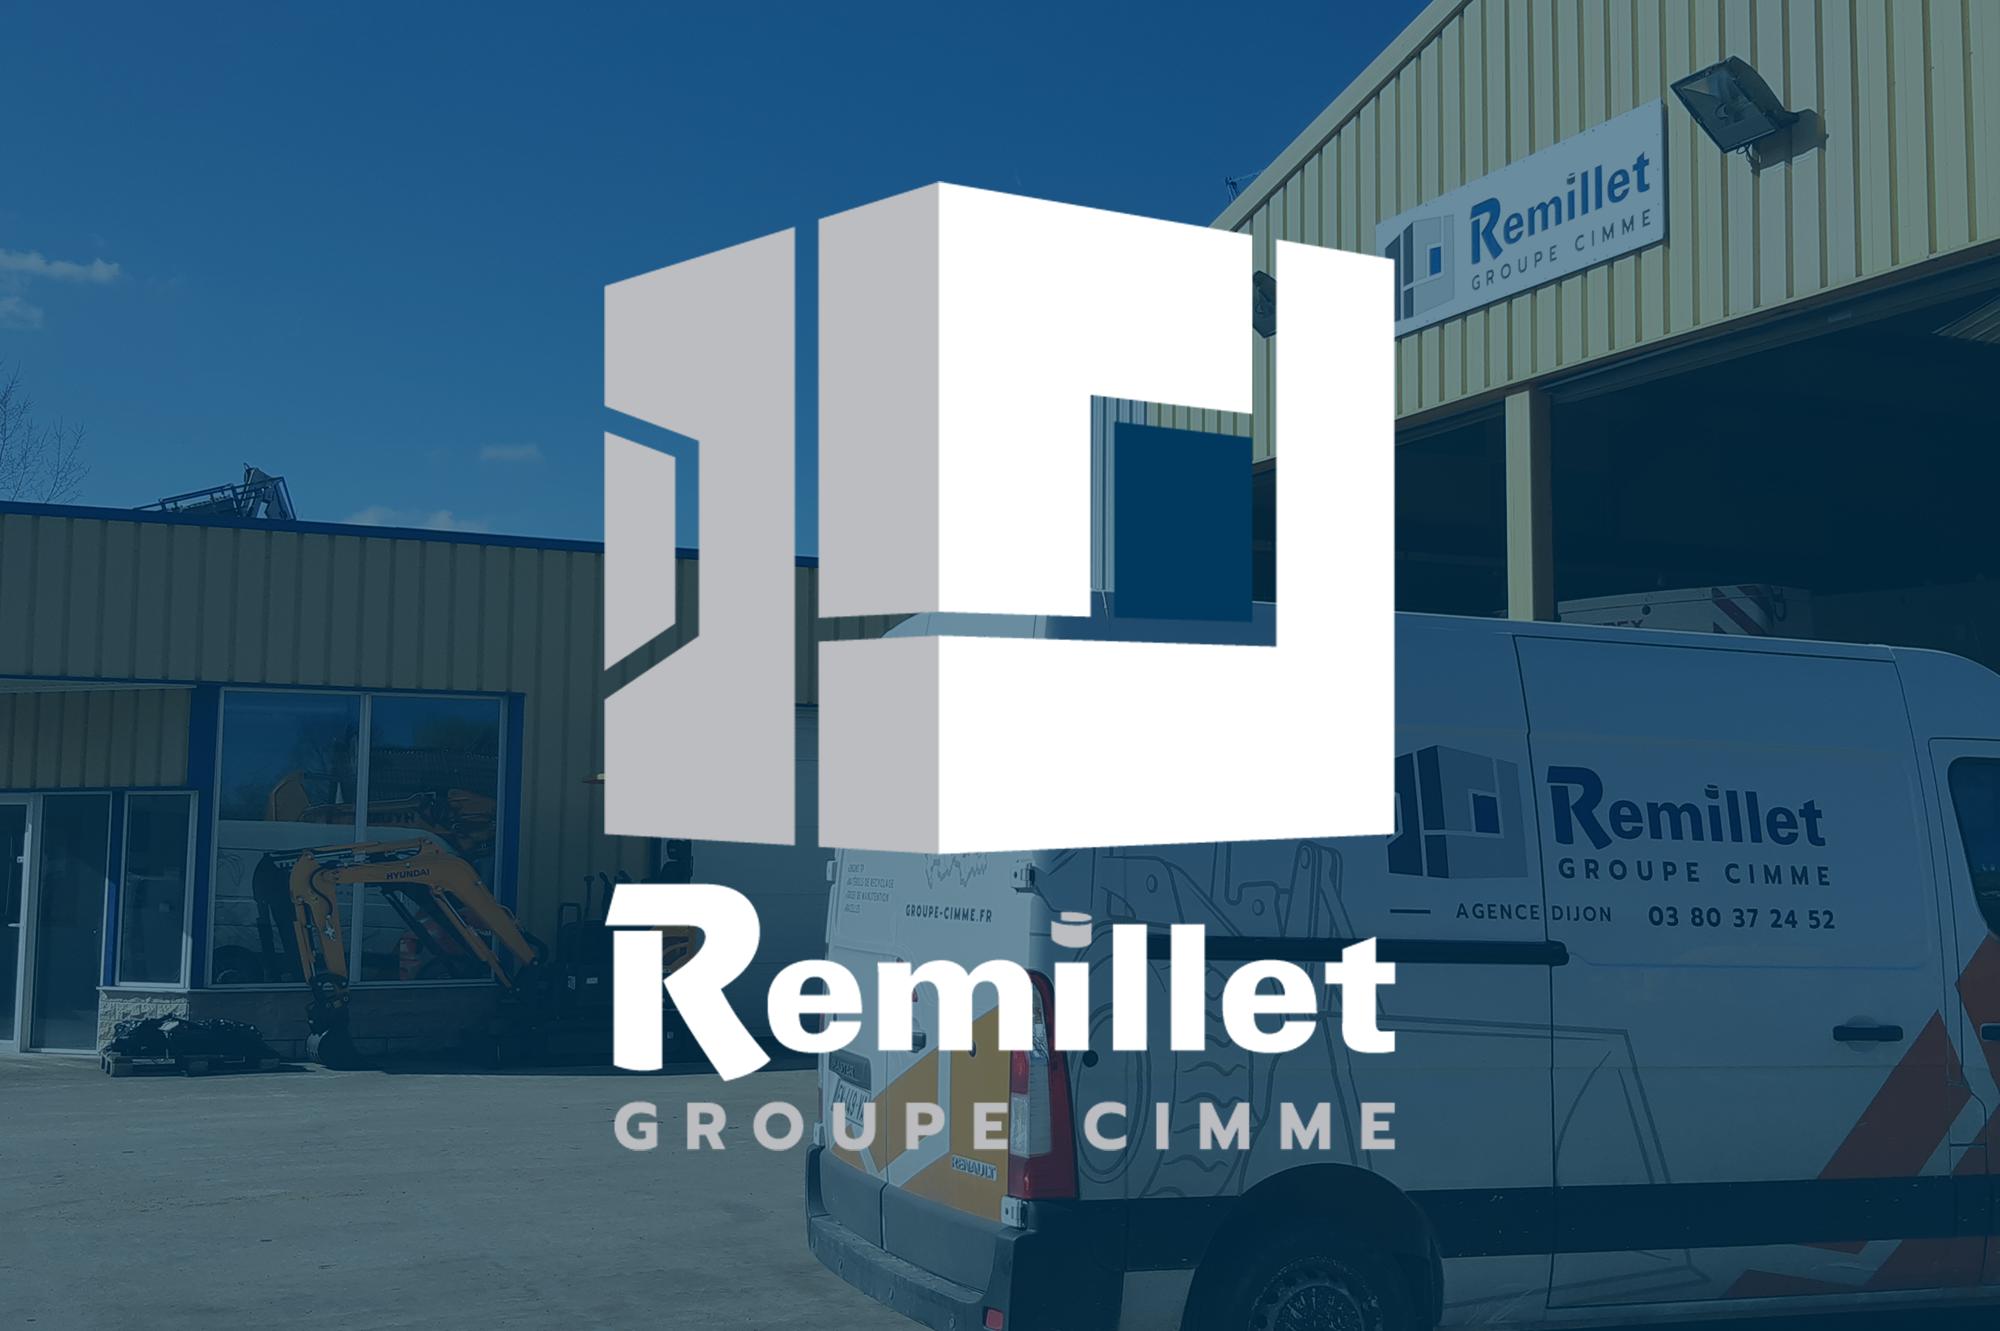 Remillet Groupe cimme entité du Groupe CIMME